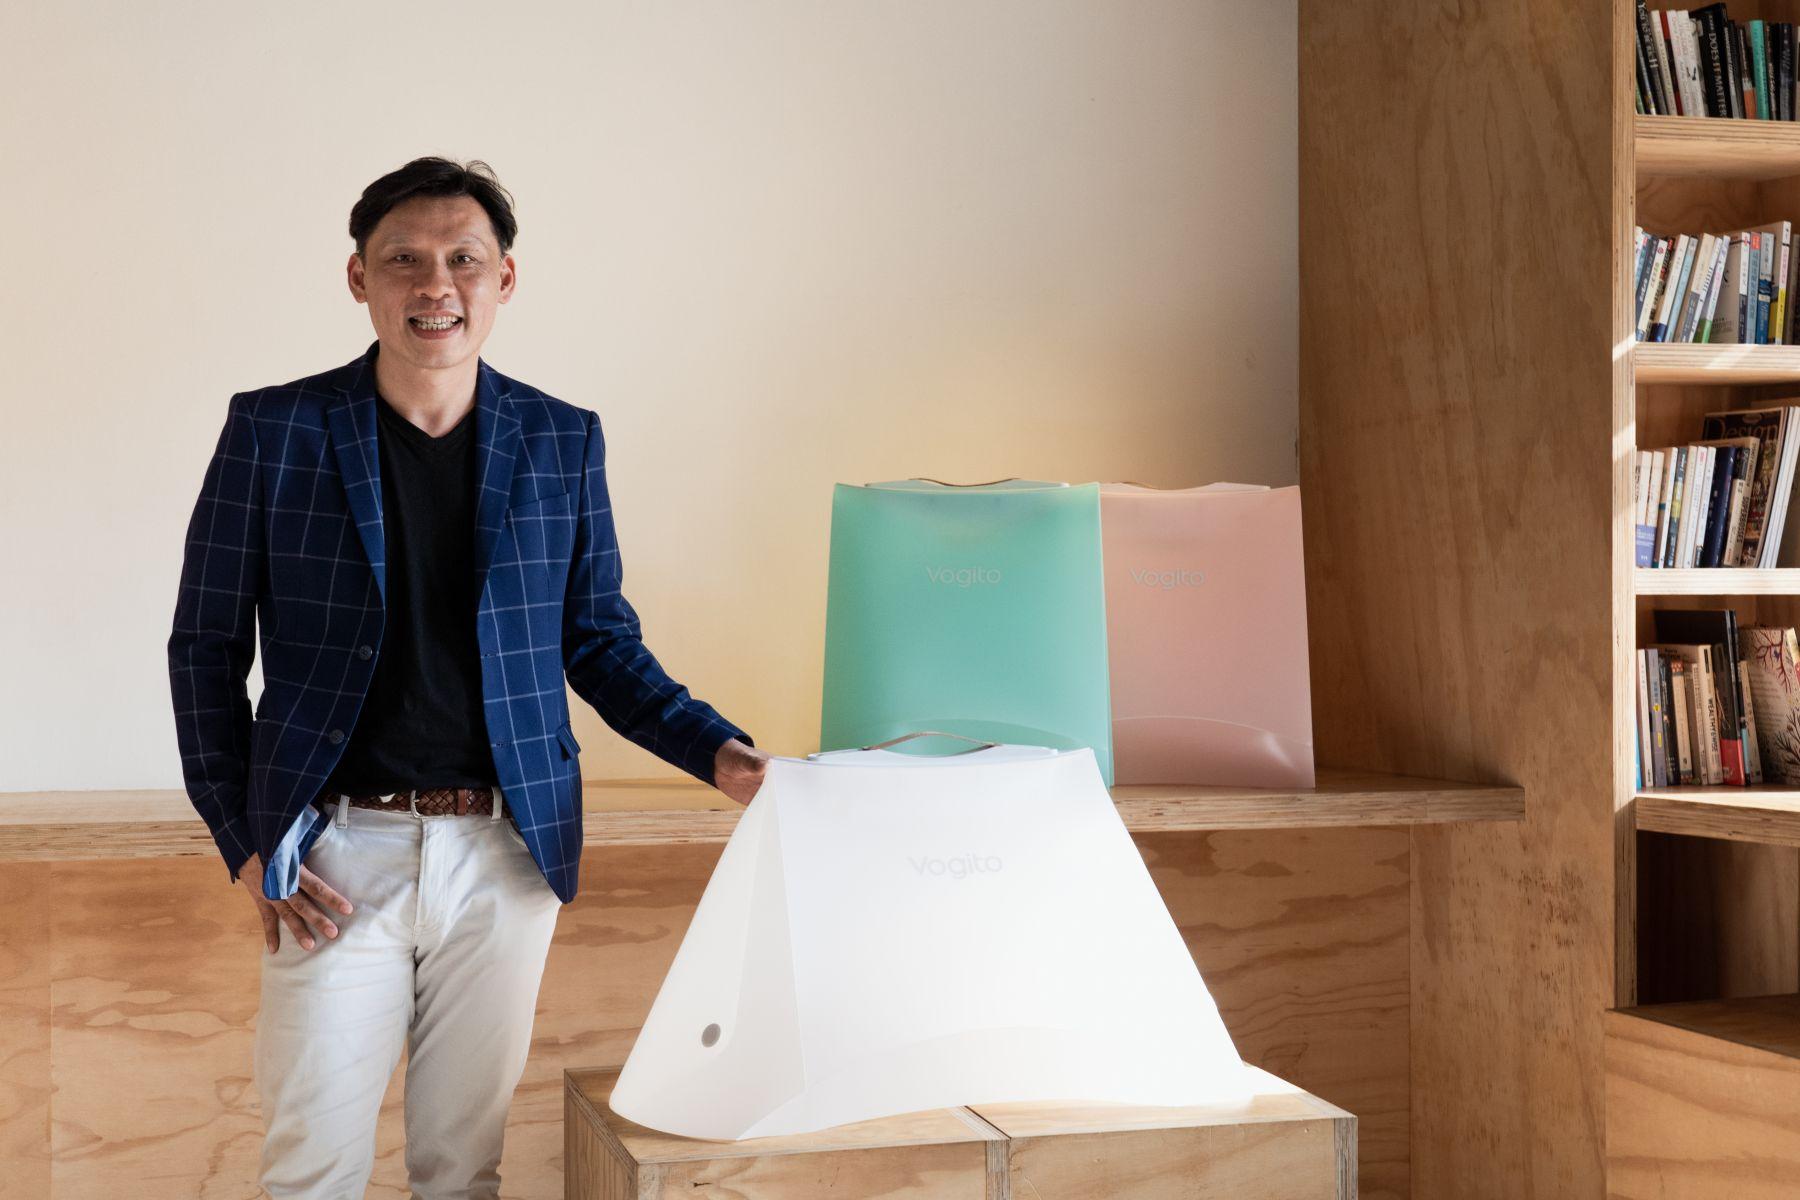 苦蹲十年讓世界看得起MIT 這款「UV殺菌折疊罩」憑什麼連日韓都搶賣?